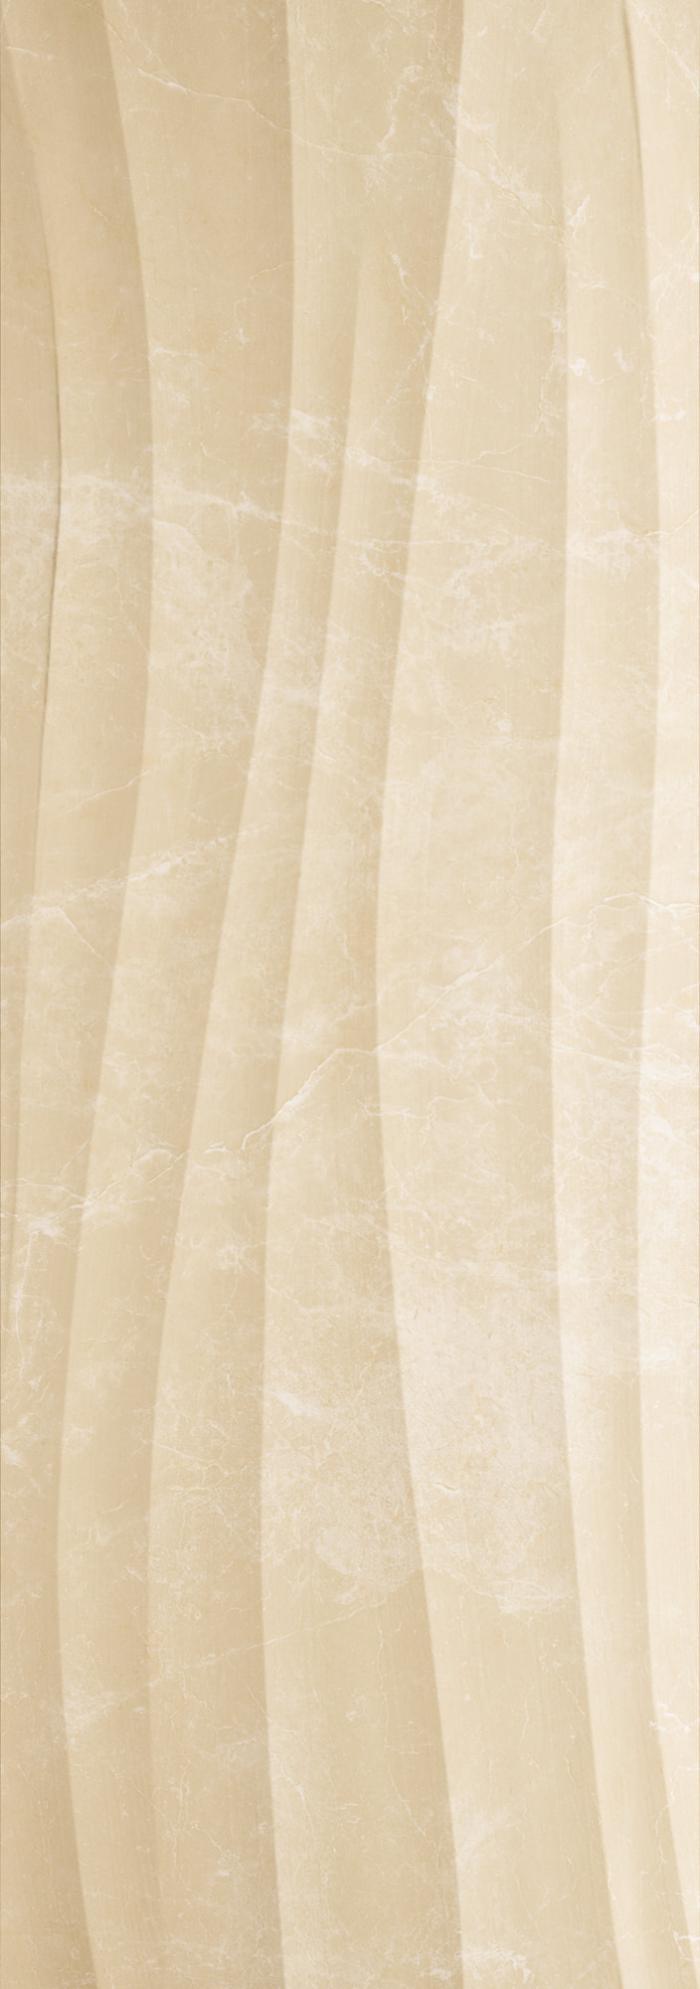 Marble Shape Beige